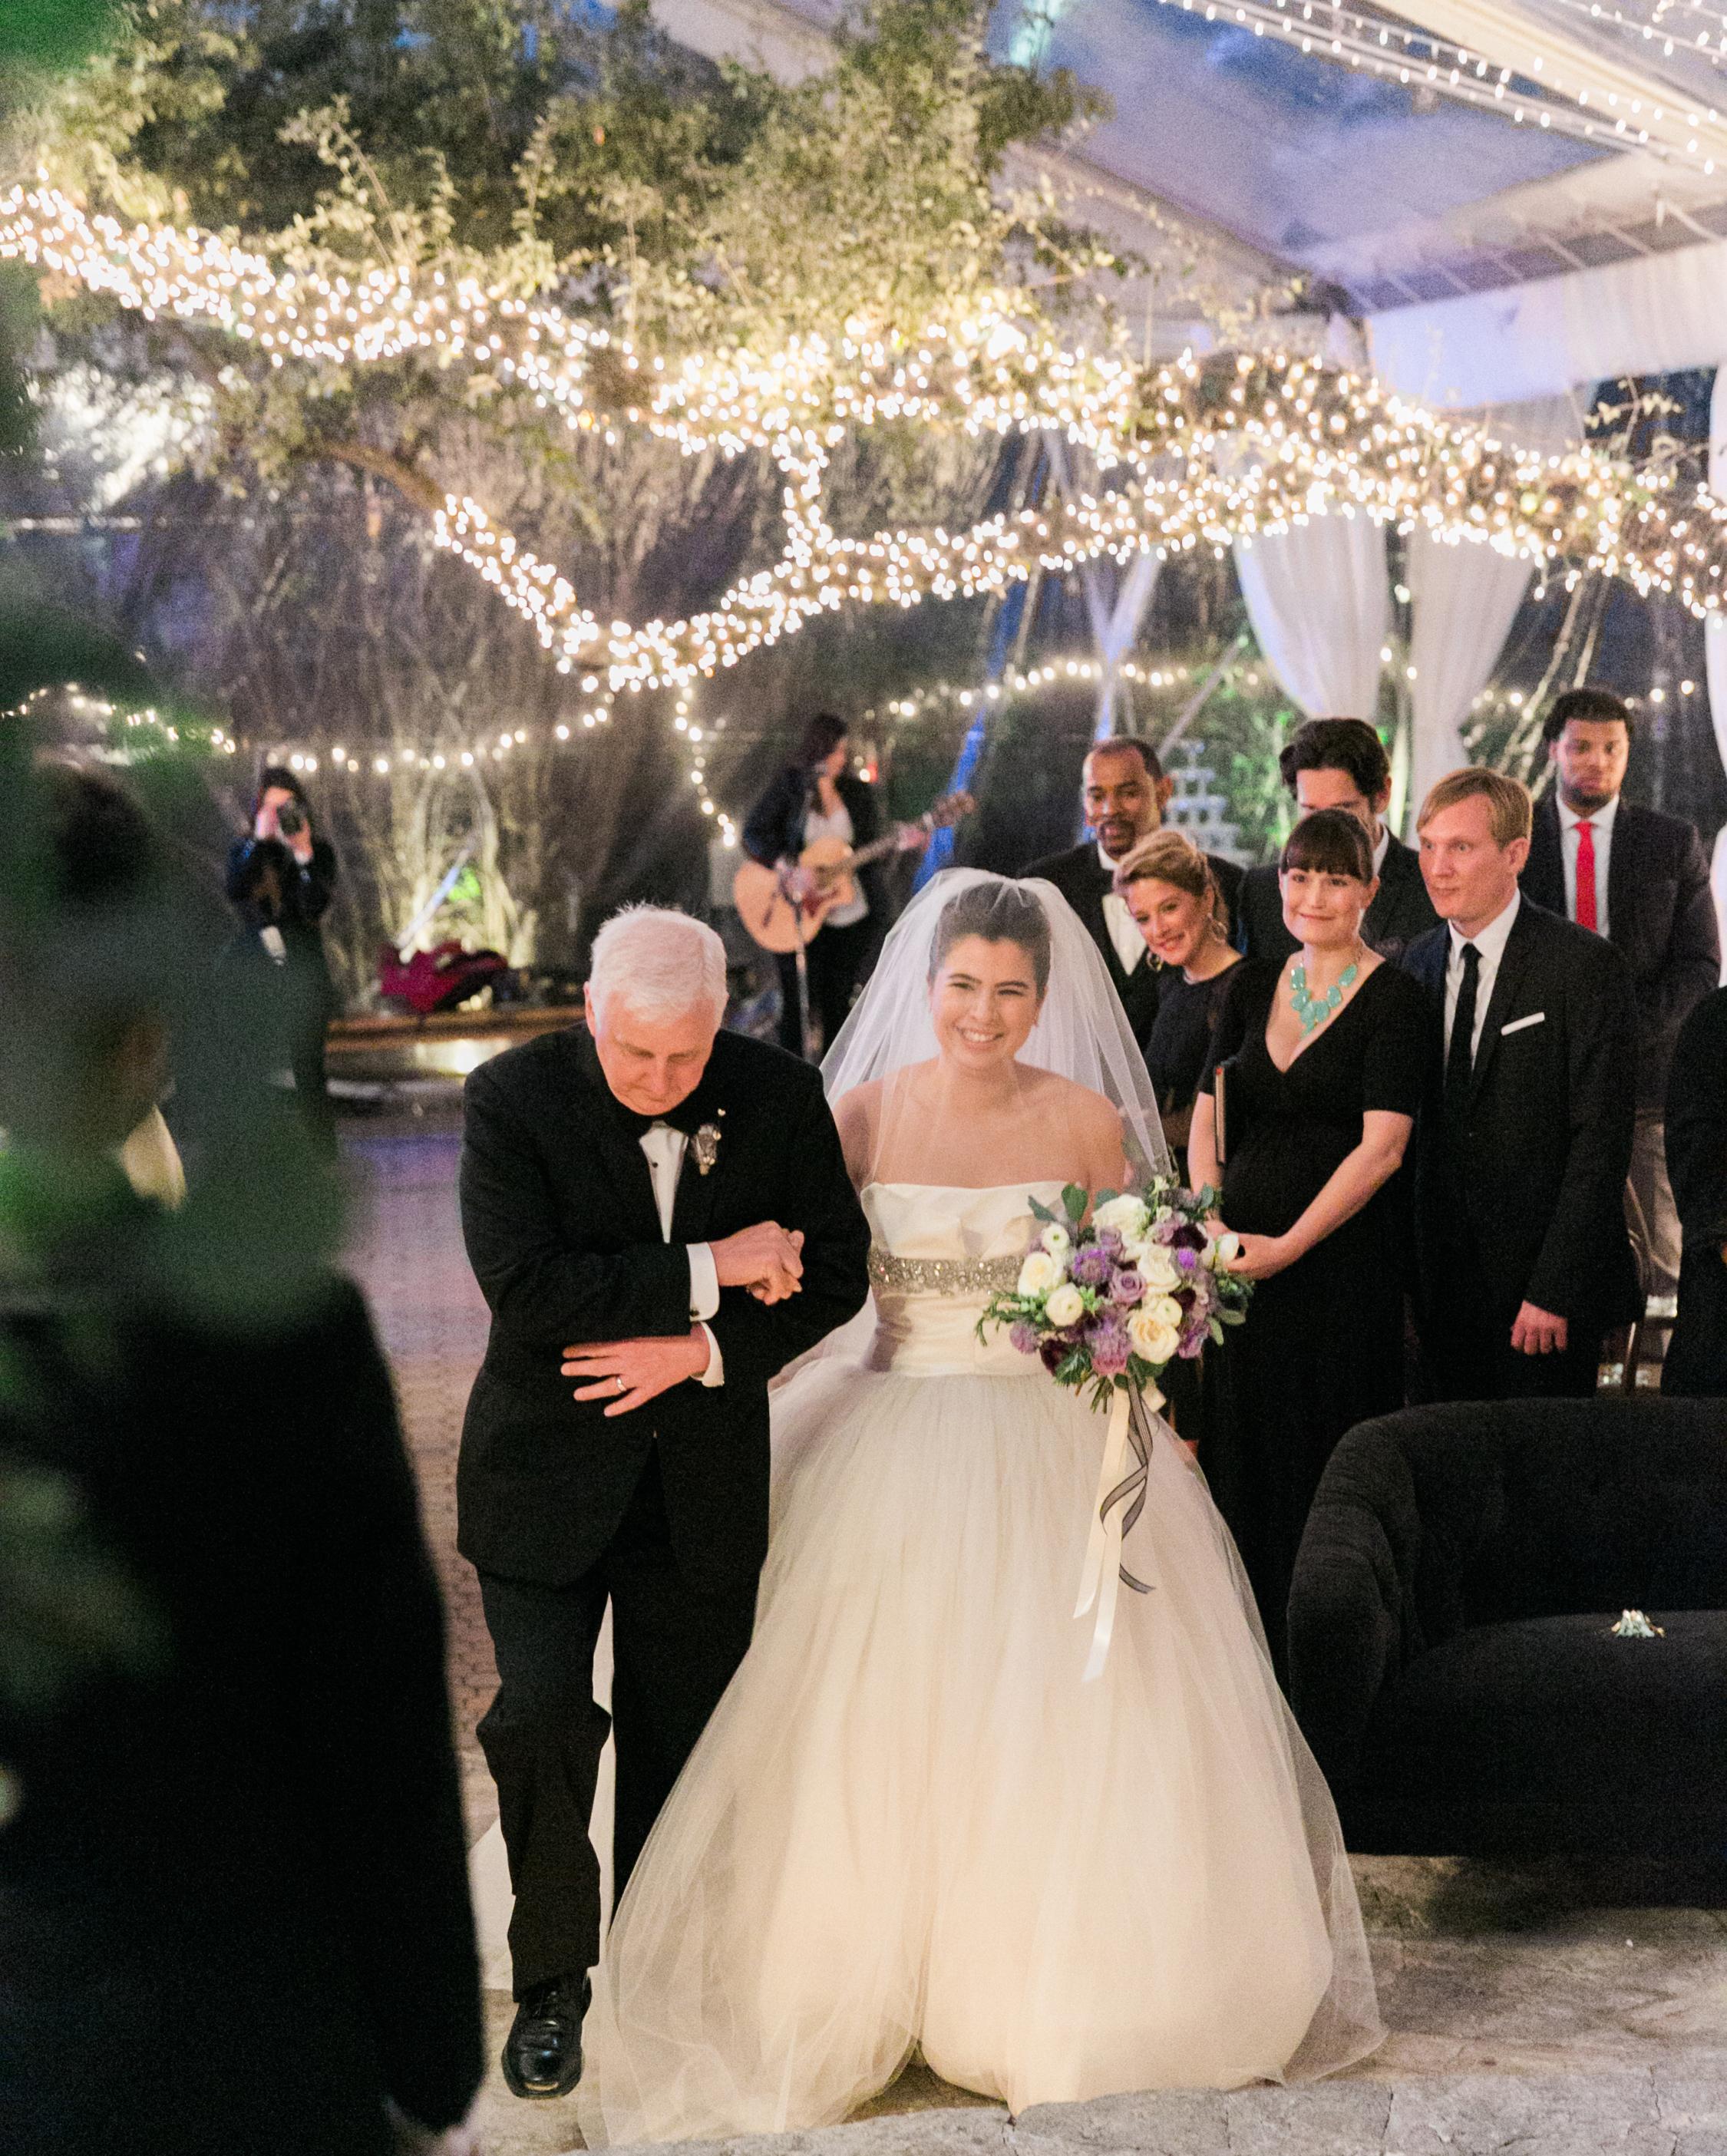 stacey-adam-wedding-dad-0080-s112112-0815.jpg